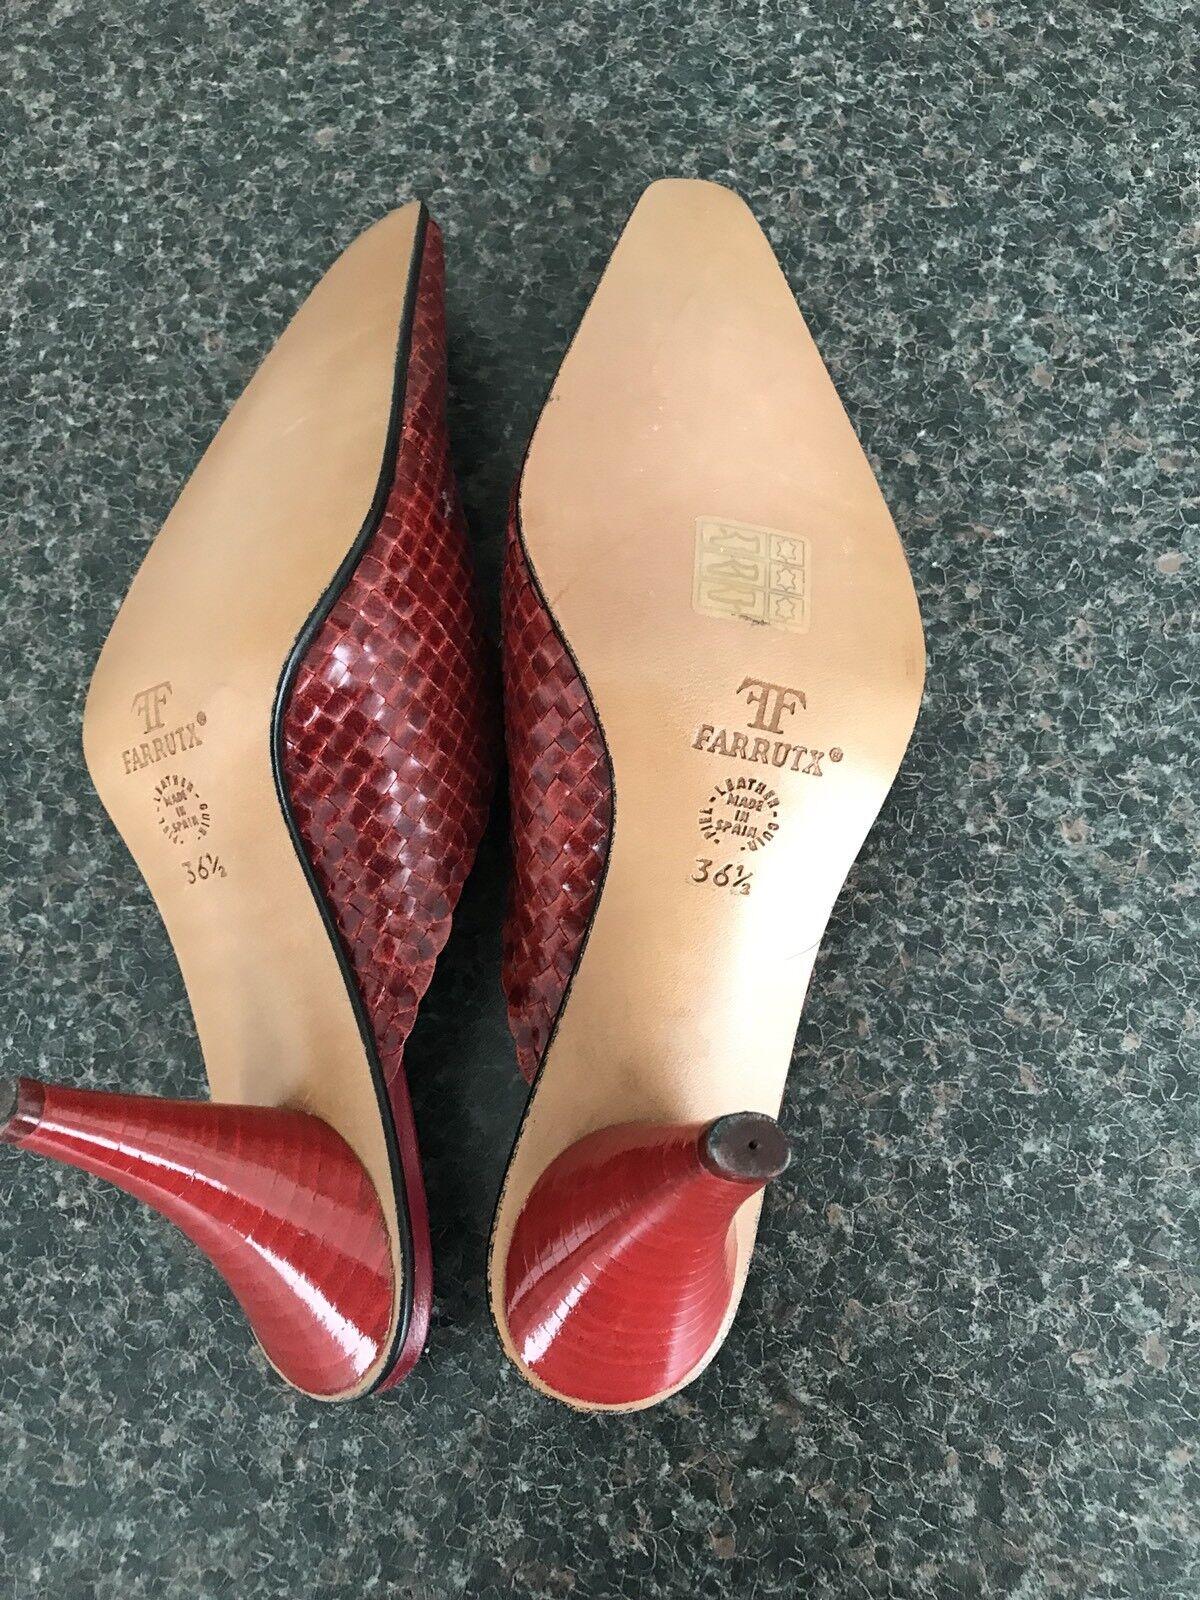 Farrutx Sandaletten in Gr. Neu 36 1/2 Rot Leder Neu Gr. b62d16